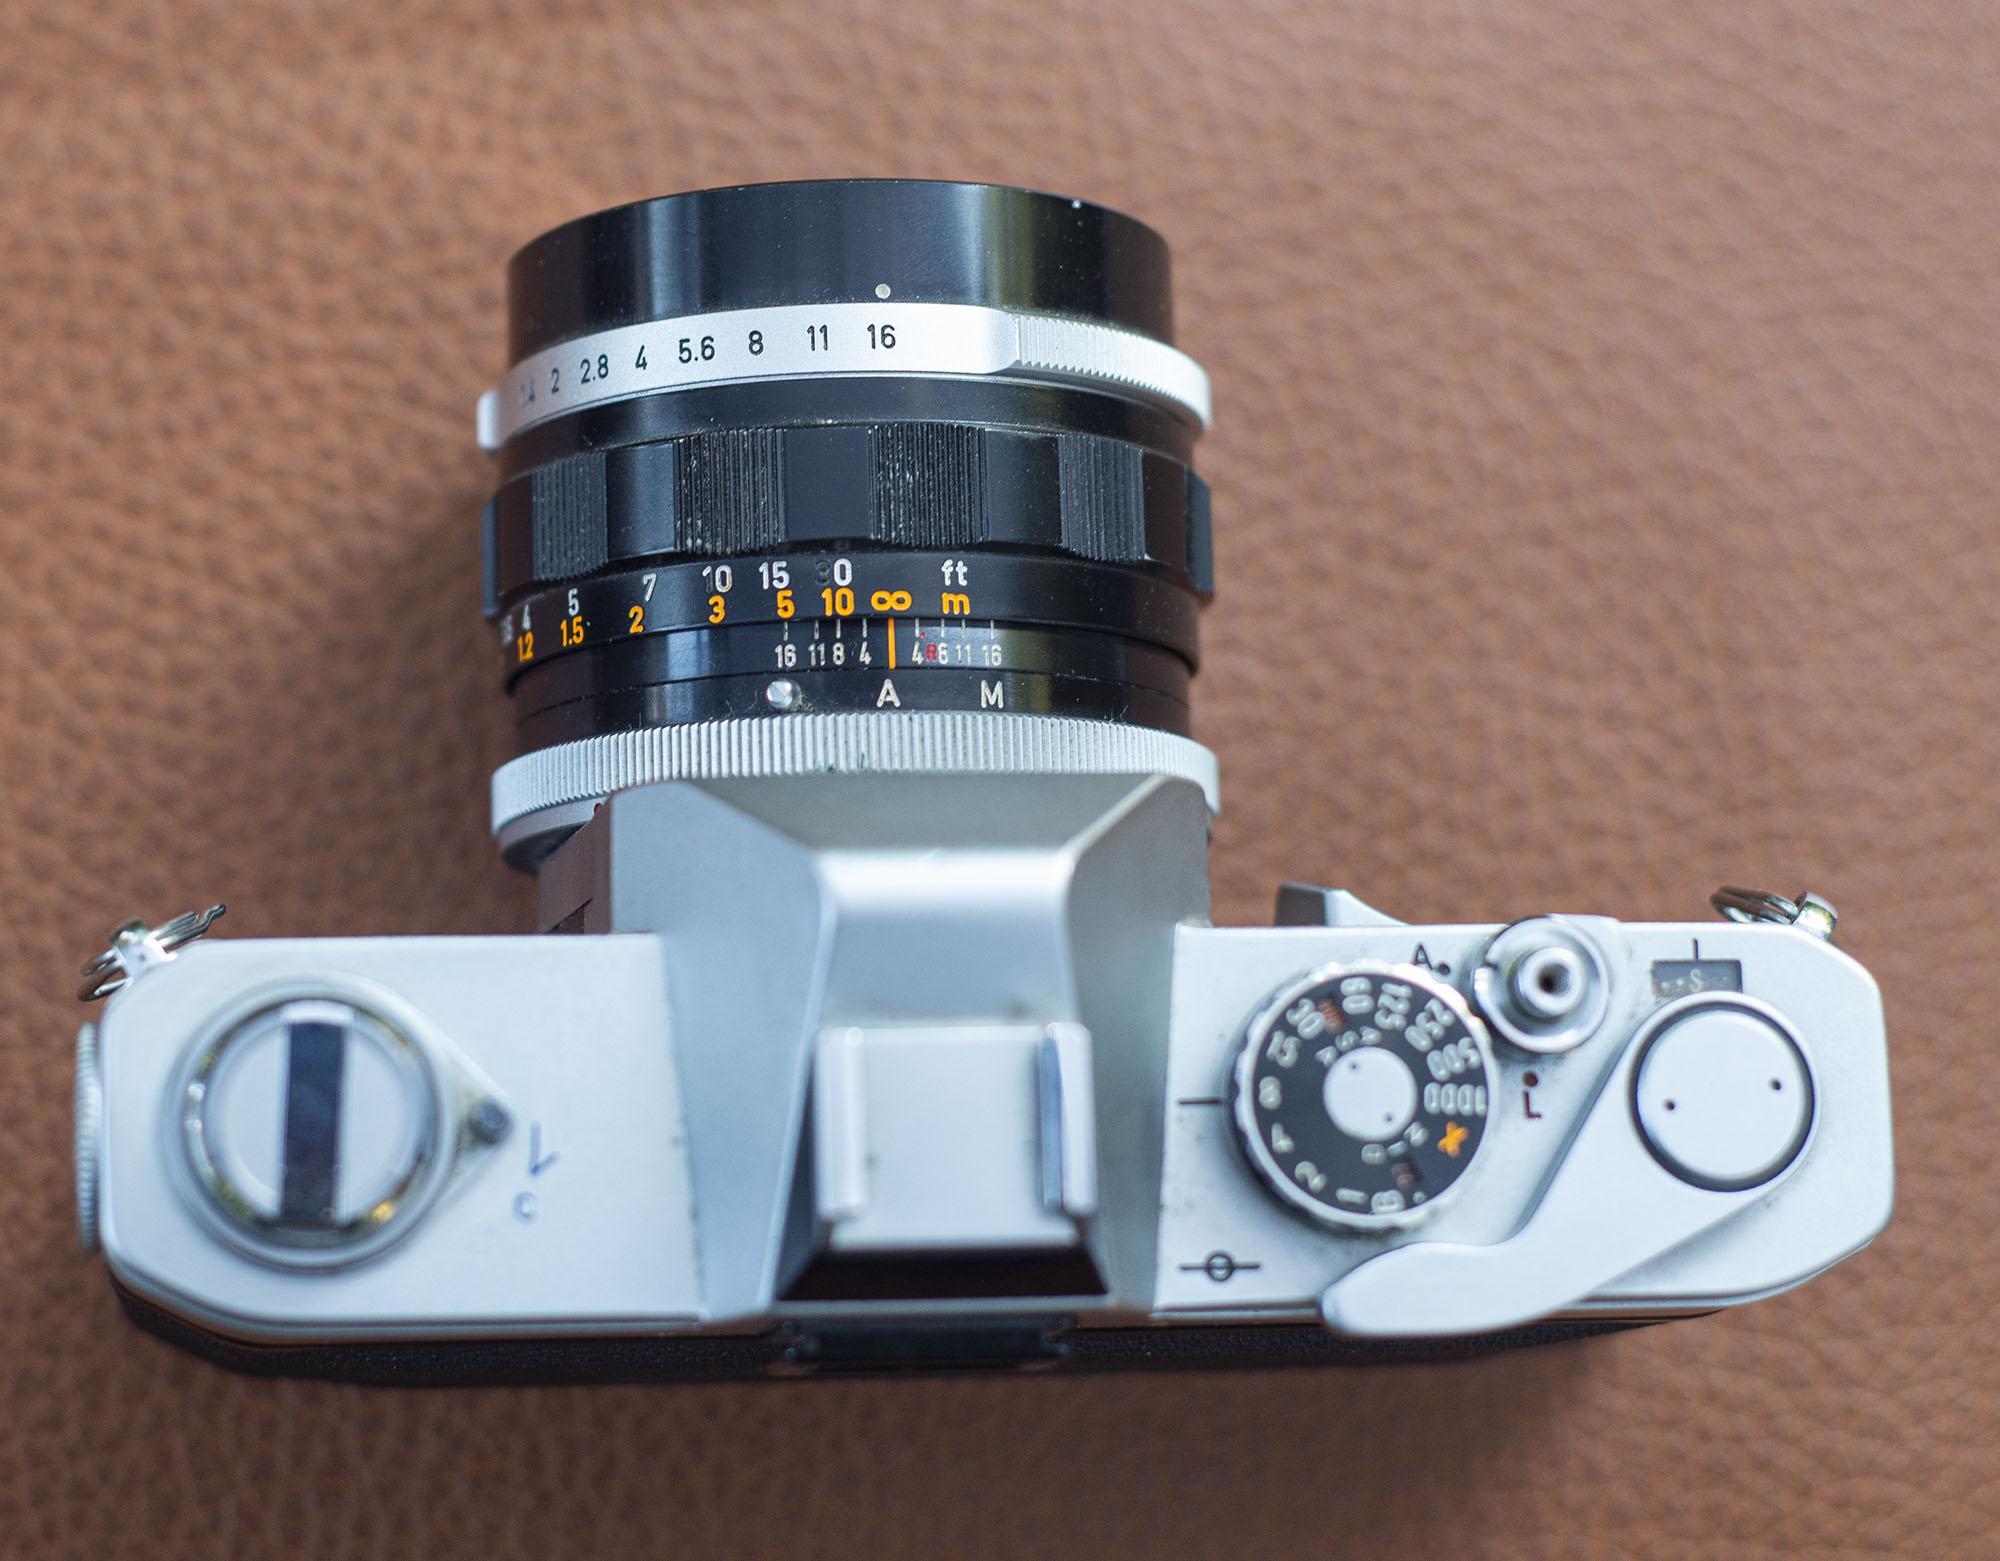 Canon FT lens details